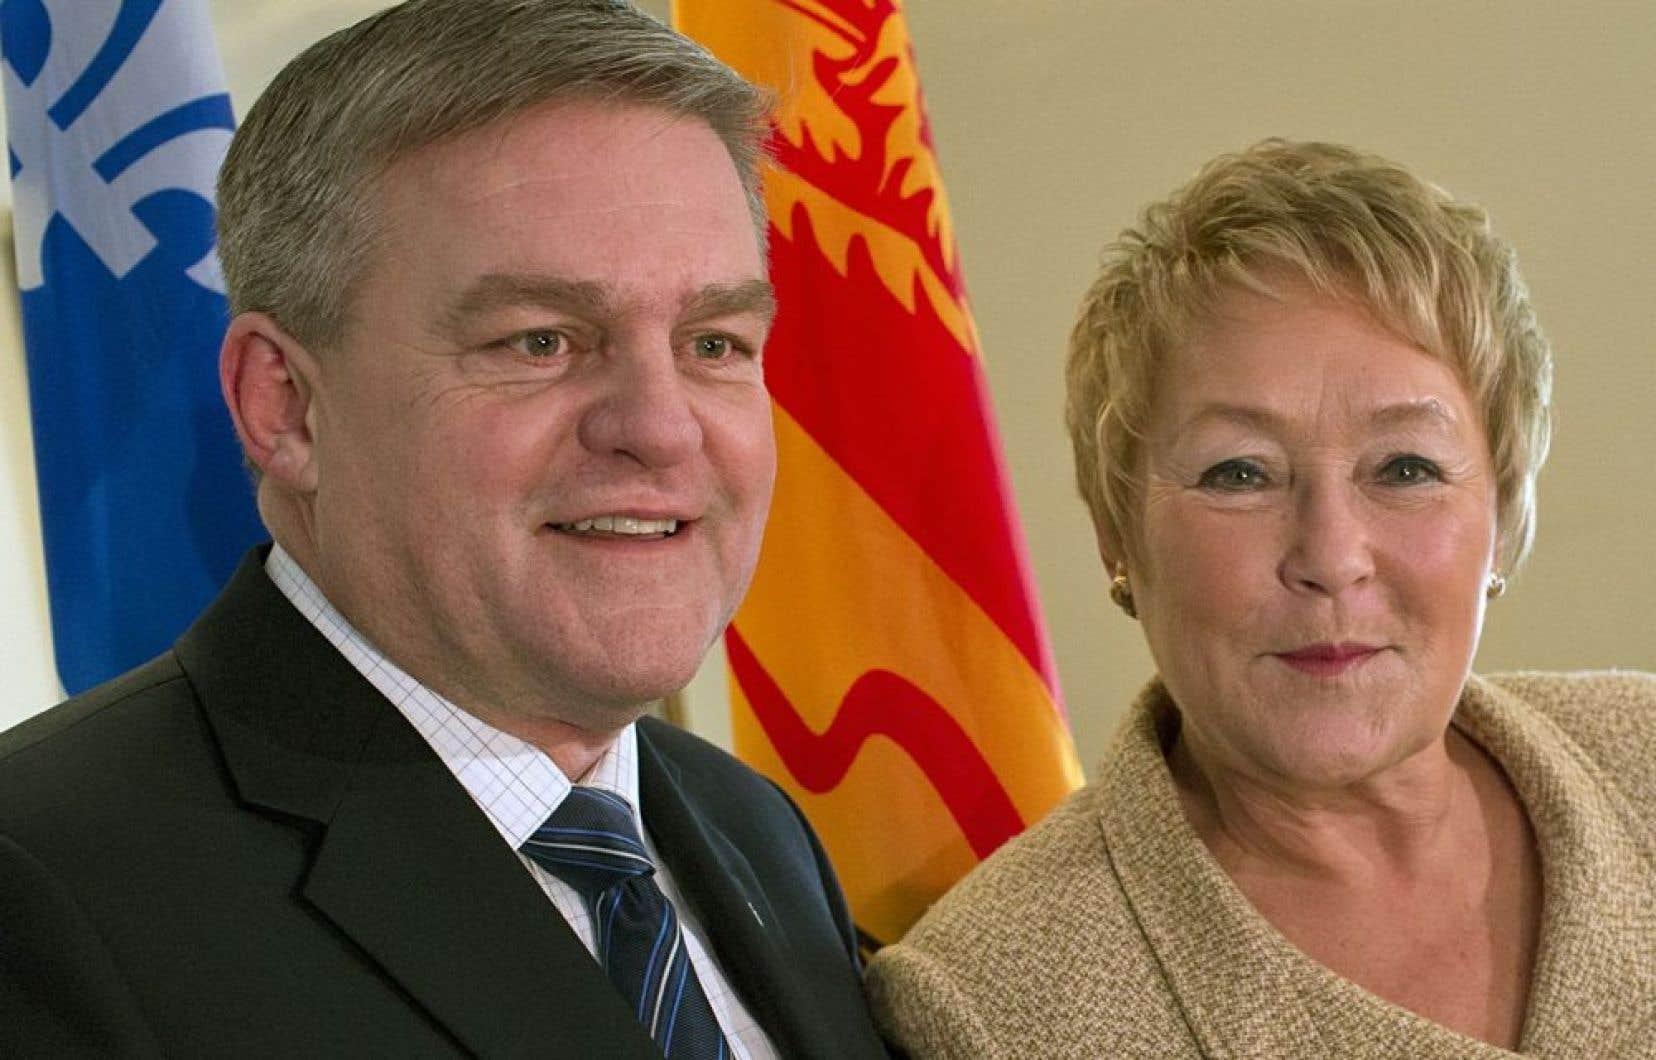 La première ministre du Québec, Pauline Marois, et son homologue du Nouveau-Brunswick, David Alward, lundi, à Montréal. Ils ont convenu de mettre sur pied un groupe de travail pour étudier un projet d'oléoduc qui transporterait du pétrole des sables bitumineux albertains.